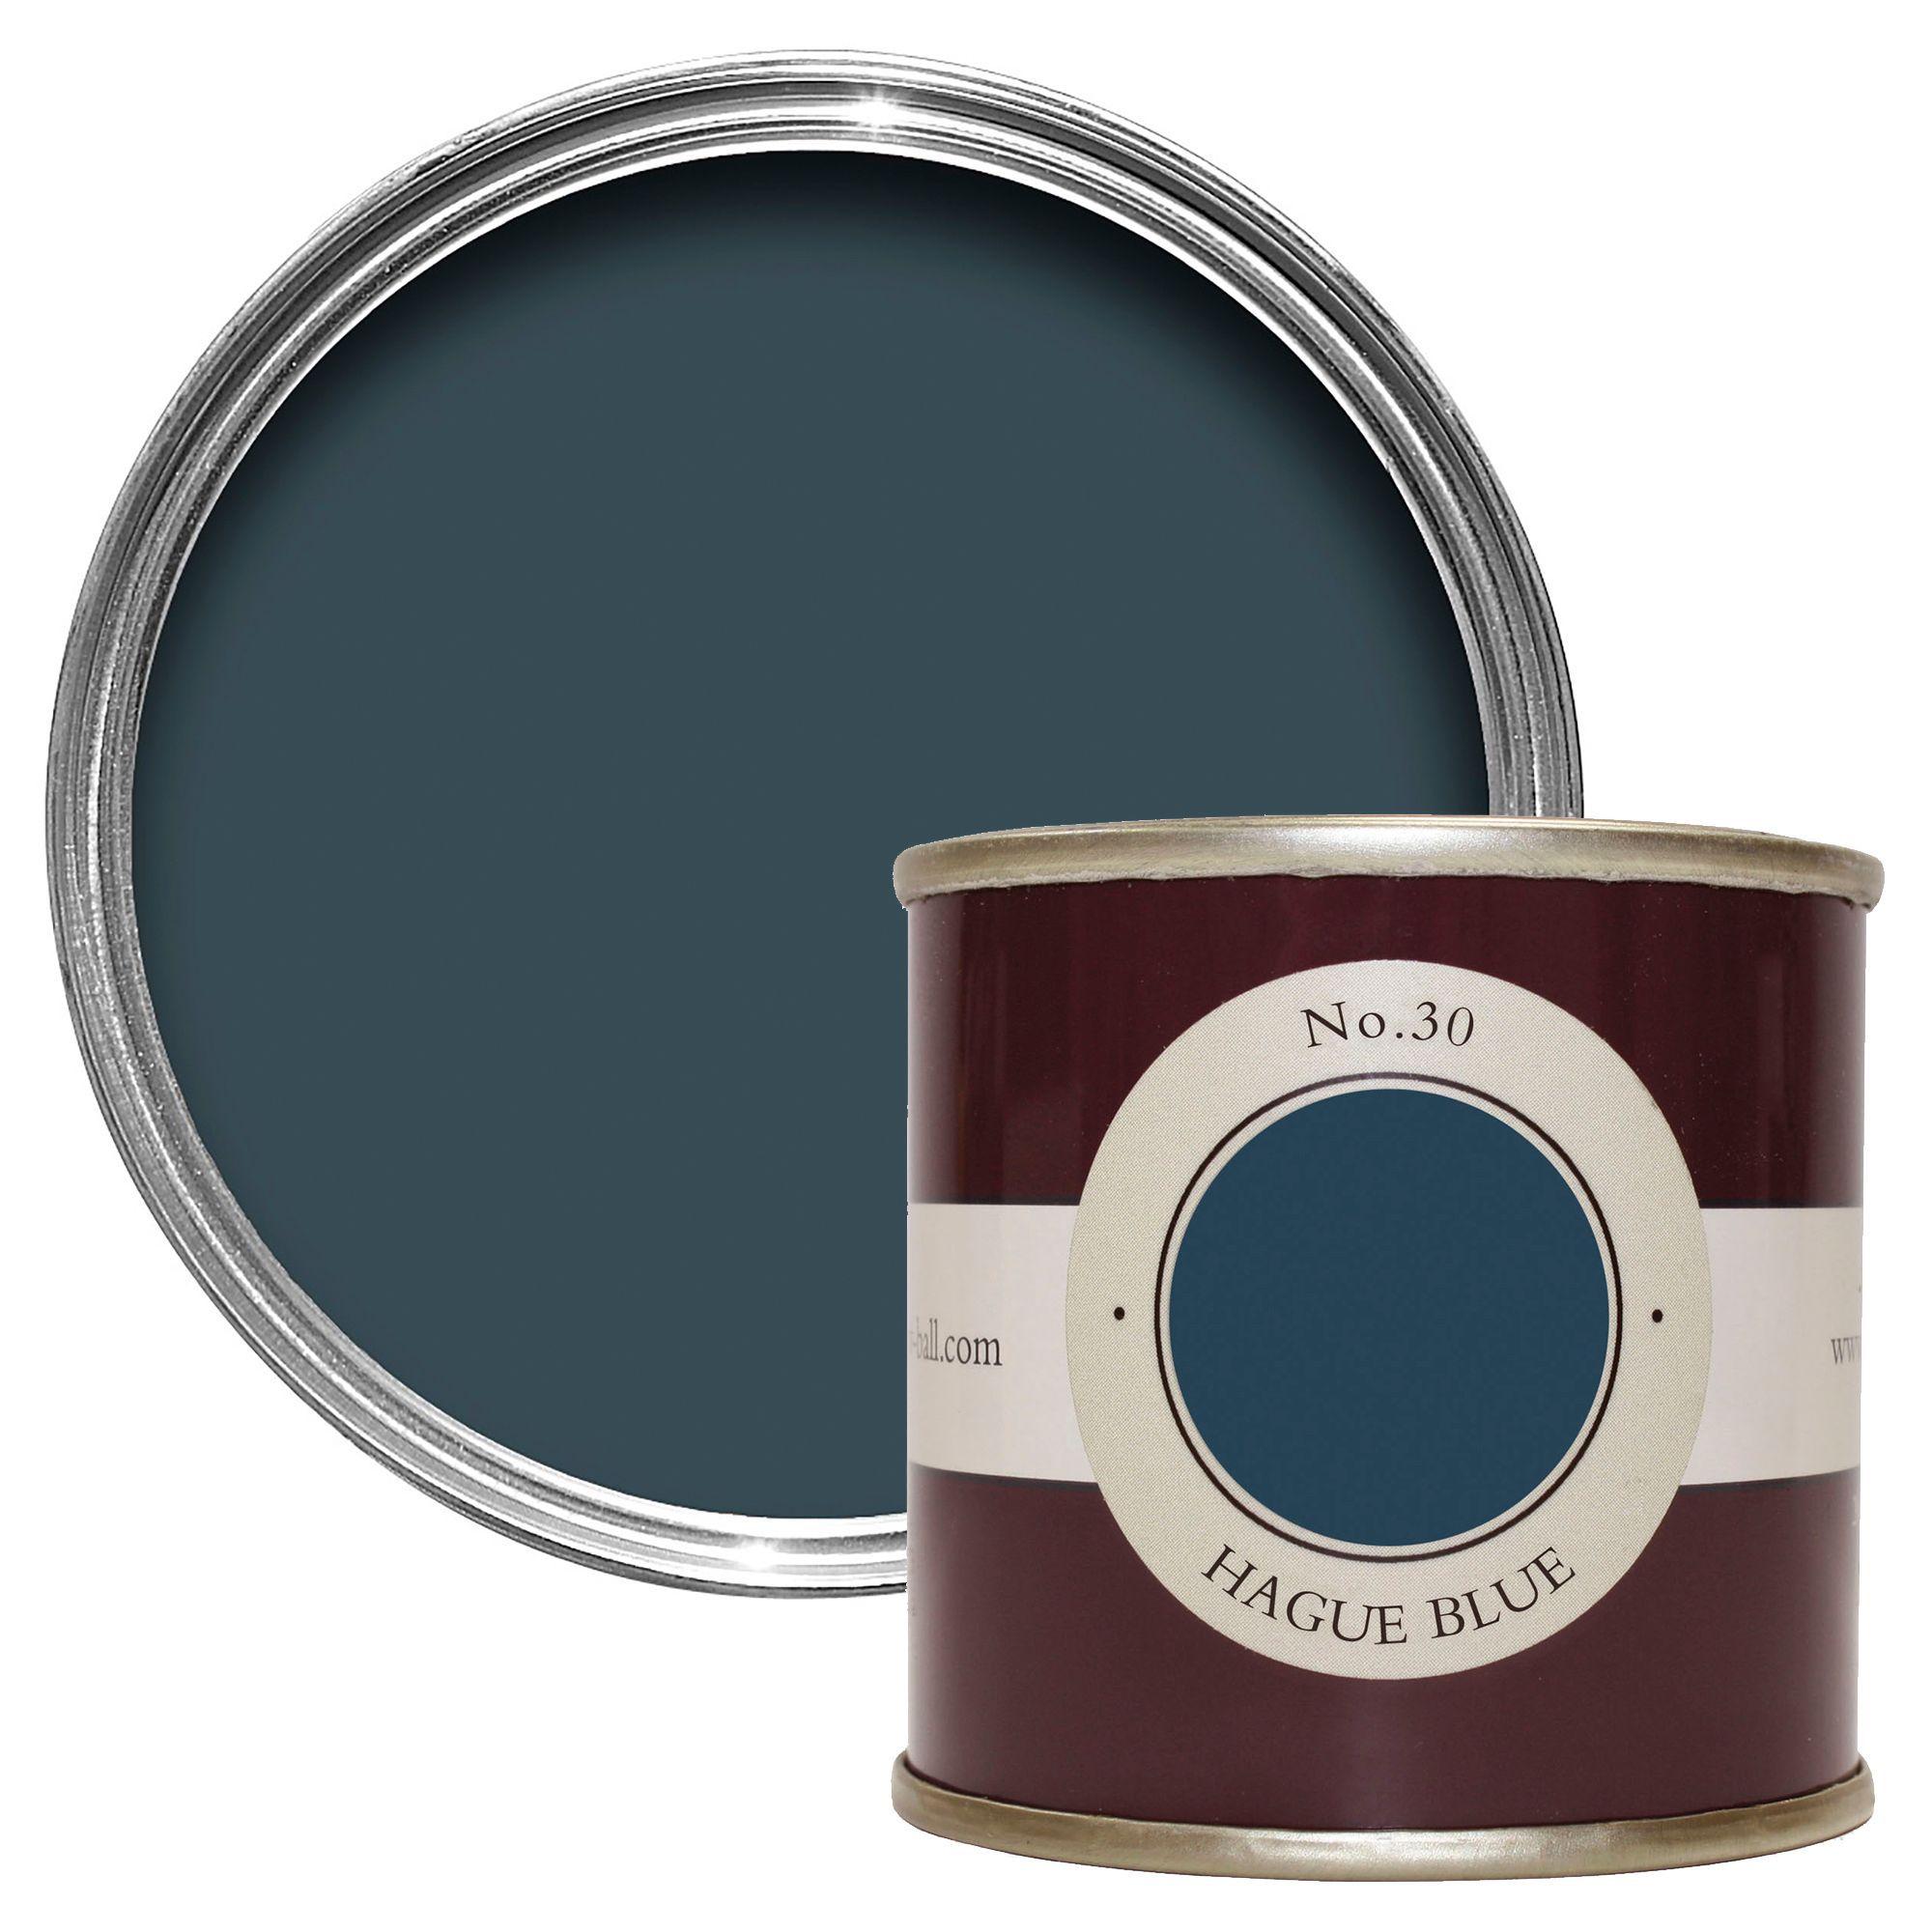 Farrow And Ball Hague Blue.Farrow Ball Hague Blue No 30 Estate Emulsion Paint 0 1l Tester Pot Departments Diy At B Q